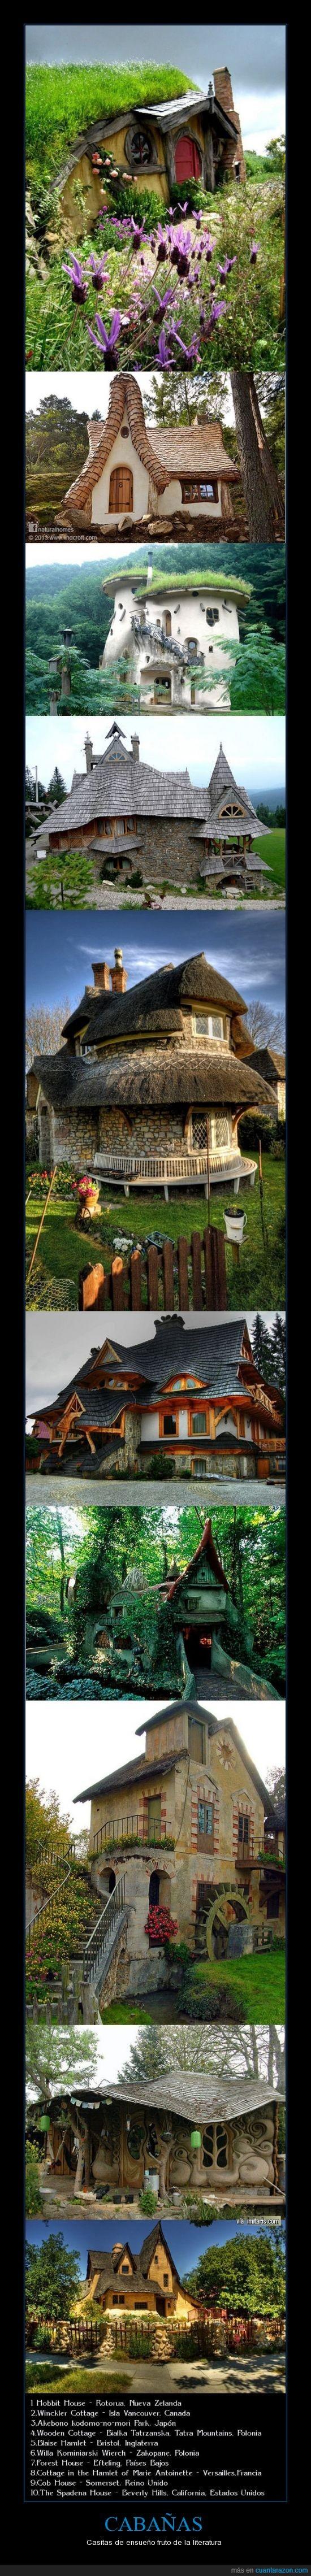 cabañas,casa,cuento,hobbit,literatura